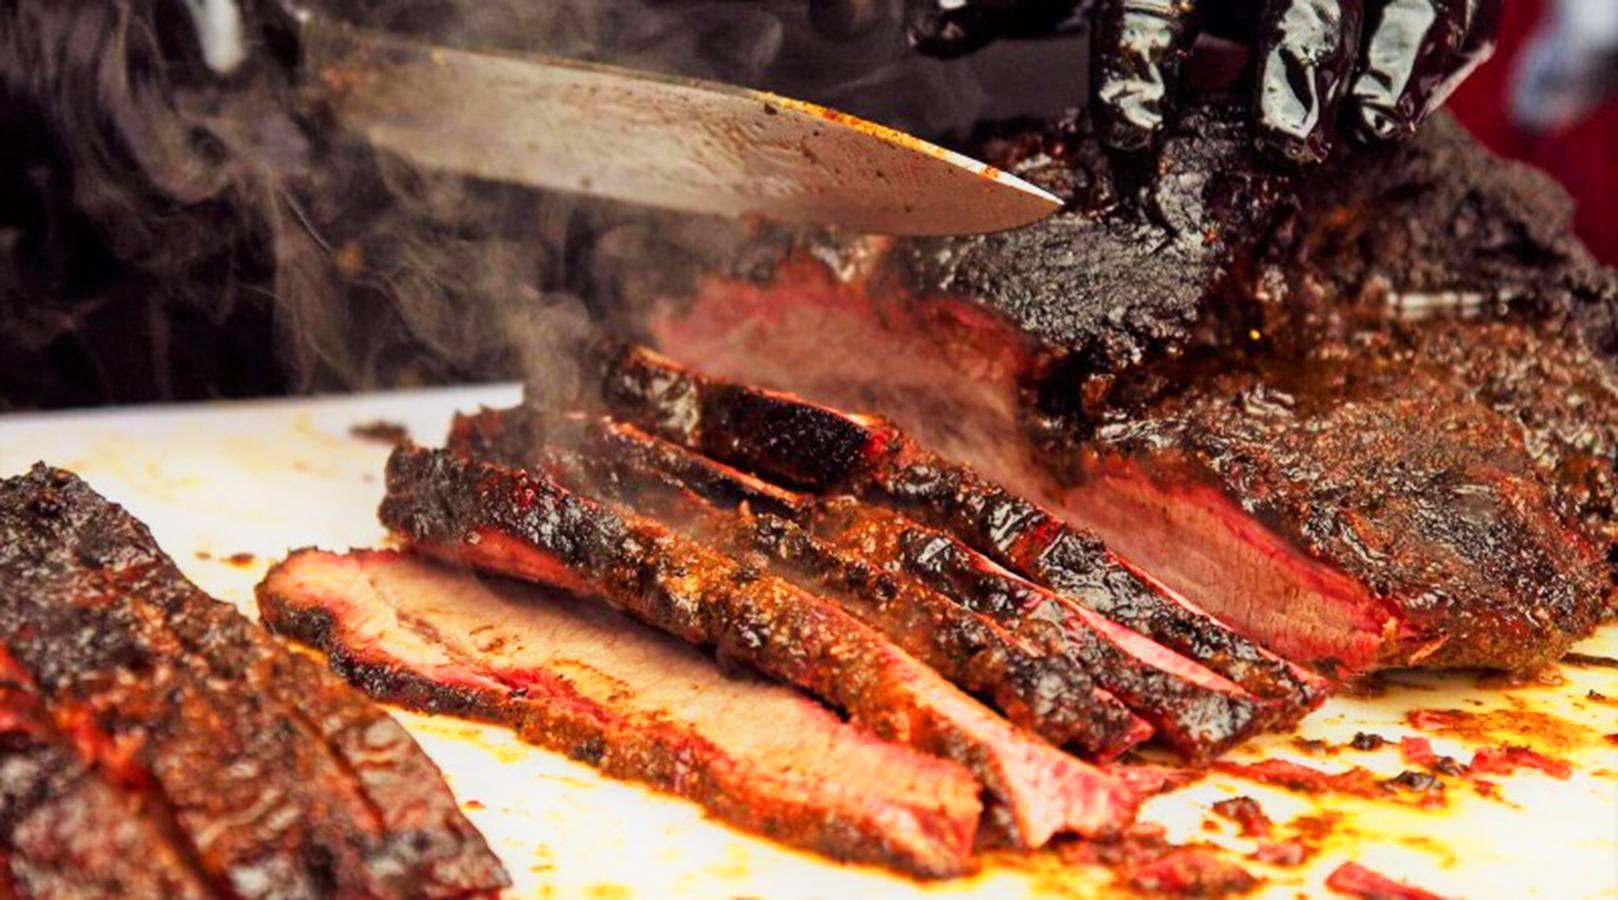 Festival de Churrasco em Anápolis tem entrada gratuita e MUITA carne | Foto: Reprodução